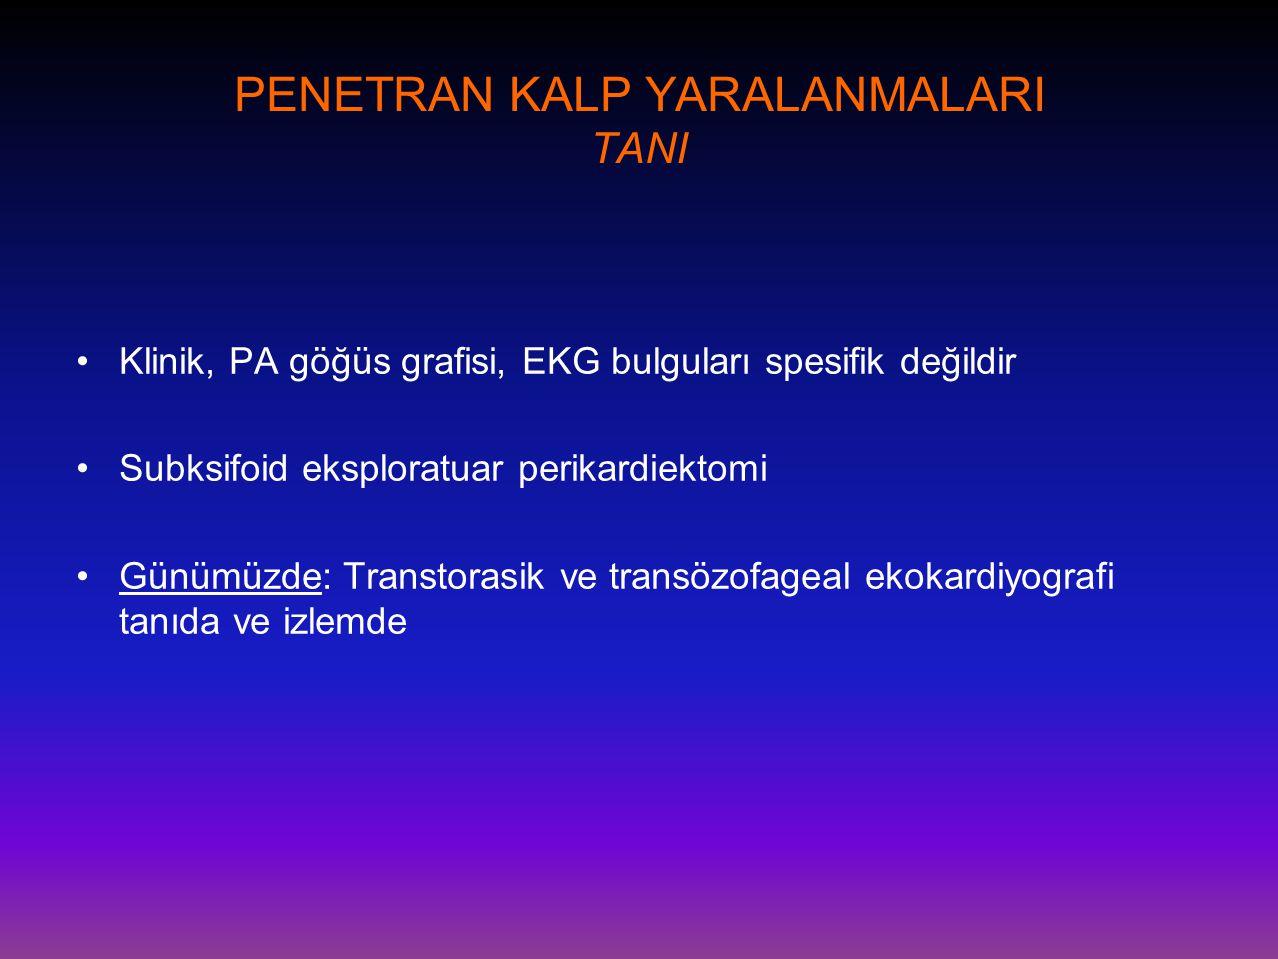 PENETRAN KALP YARALANMALARI TANI •Klinik, PA göğüs grafisi, EKG bulguları spesifik değildir •Subksifoid eksploratuar perikardiektomi •Günümüzde: Trans